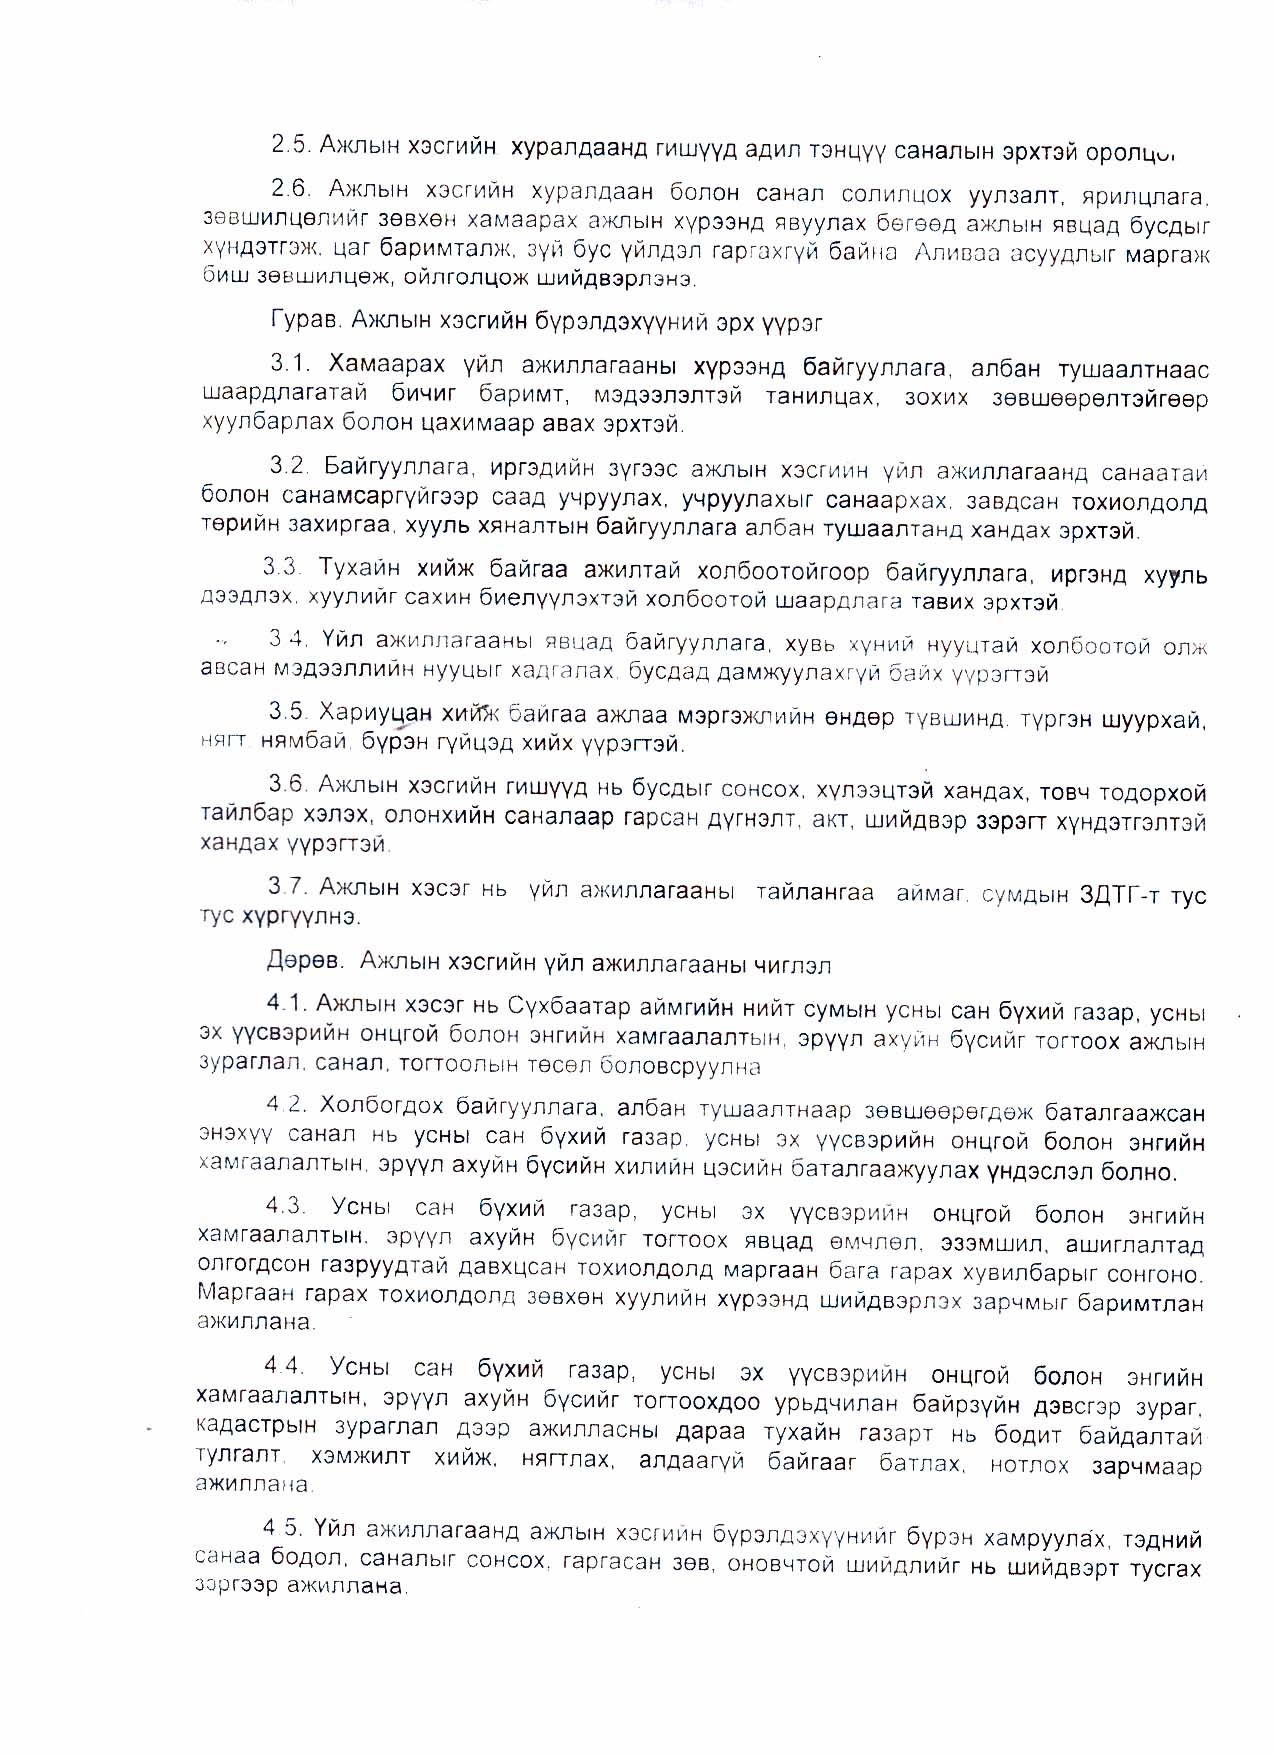 zahiramj 6